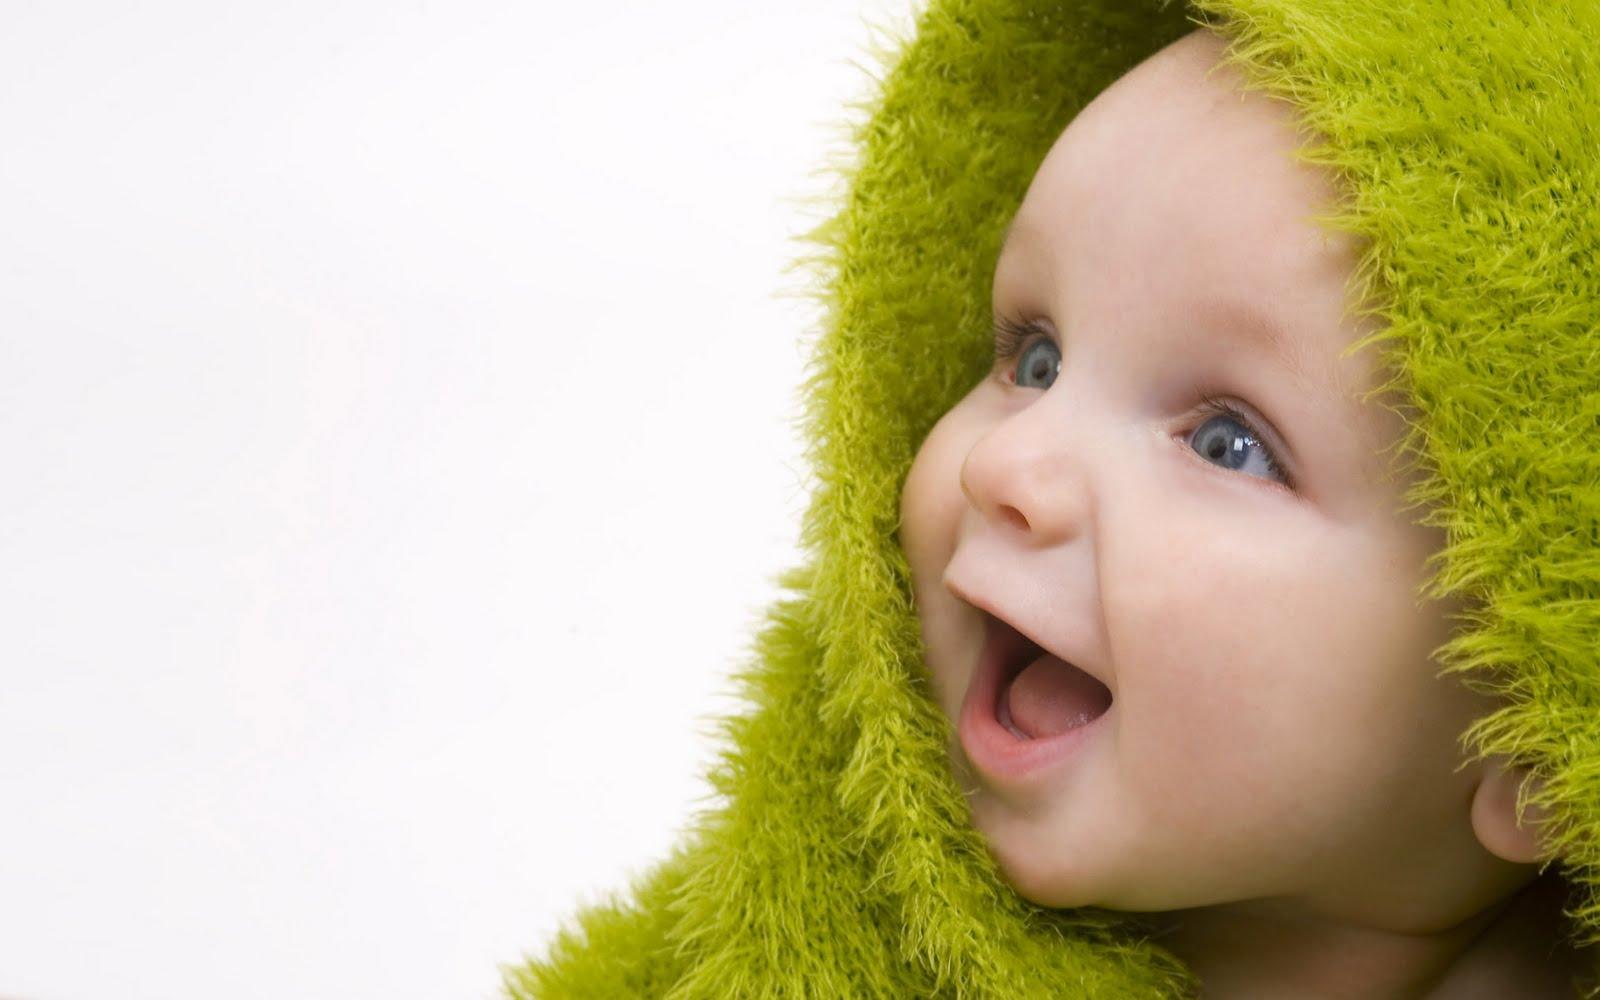 http://2.bp.blogspot.com/-mo0-8G7rJ0A/TnpP26IyIII/AAAAAAAABI0/zEjYemg07P0/s1600/Baby-Soft.jpg